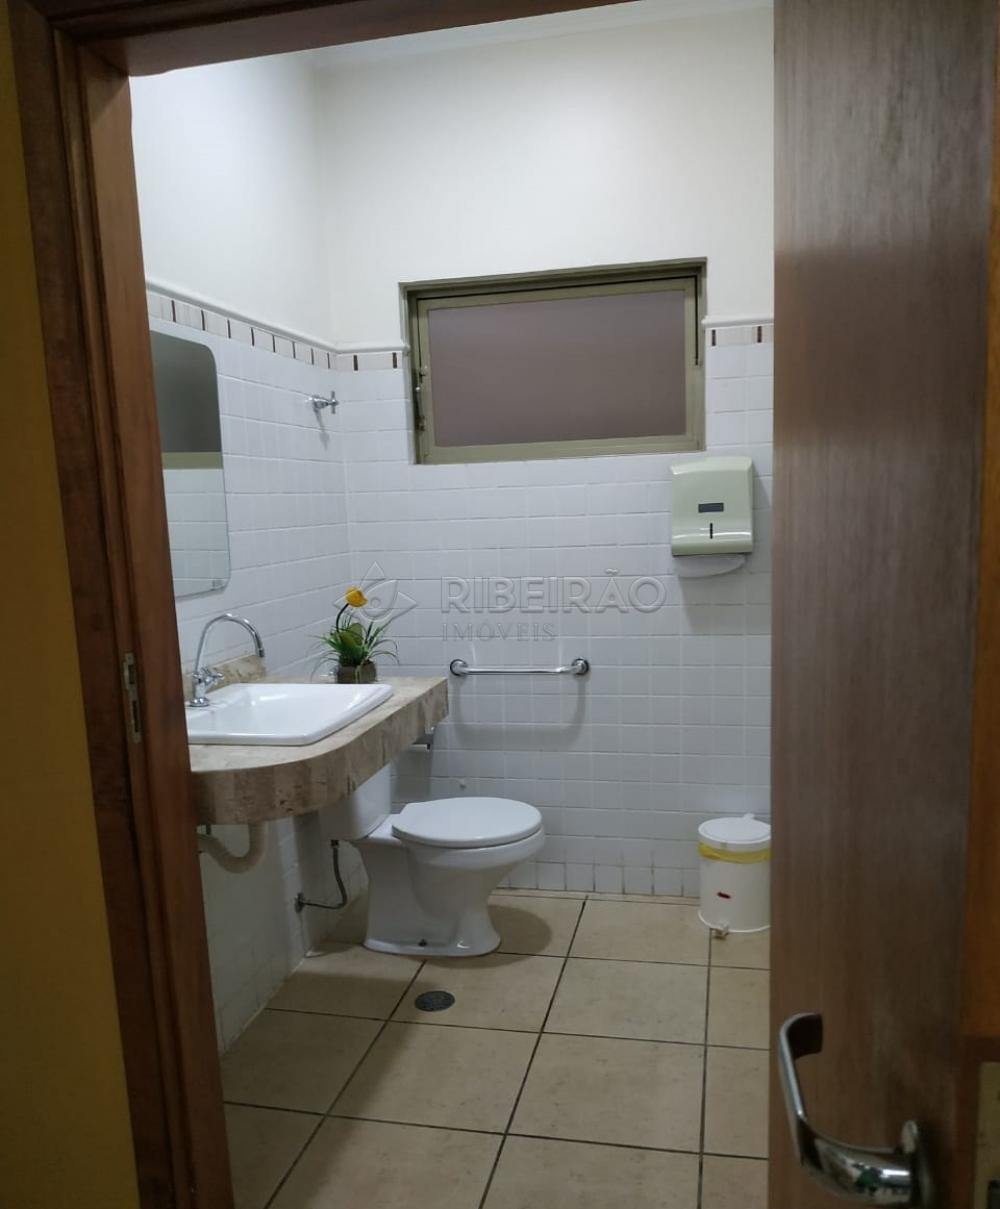 Alugar Comercial / imóvel comercial em Ribeirão Preto apenas R$ 15.000,00 - Foto 9